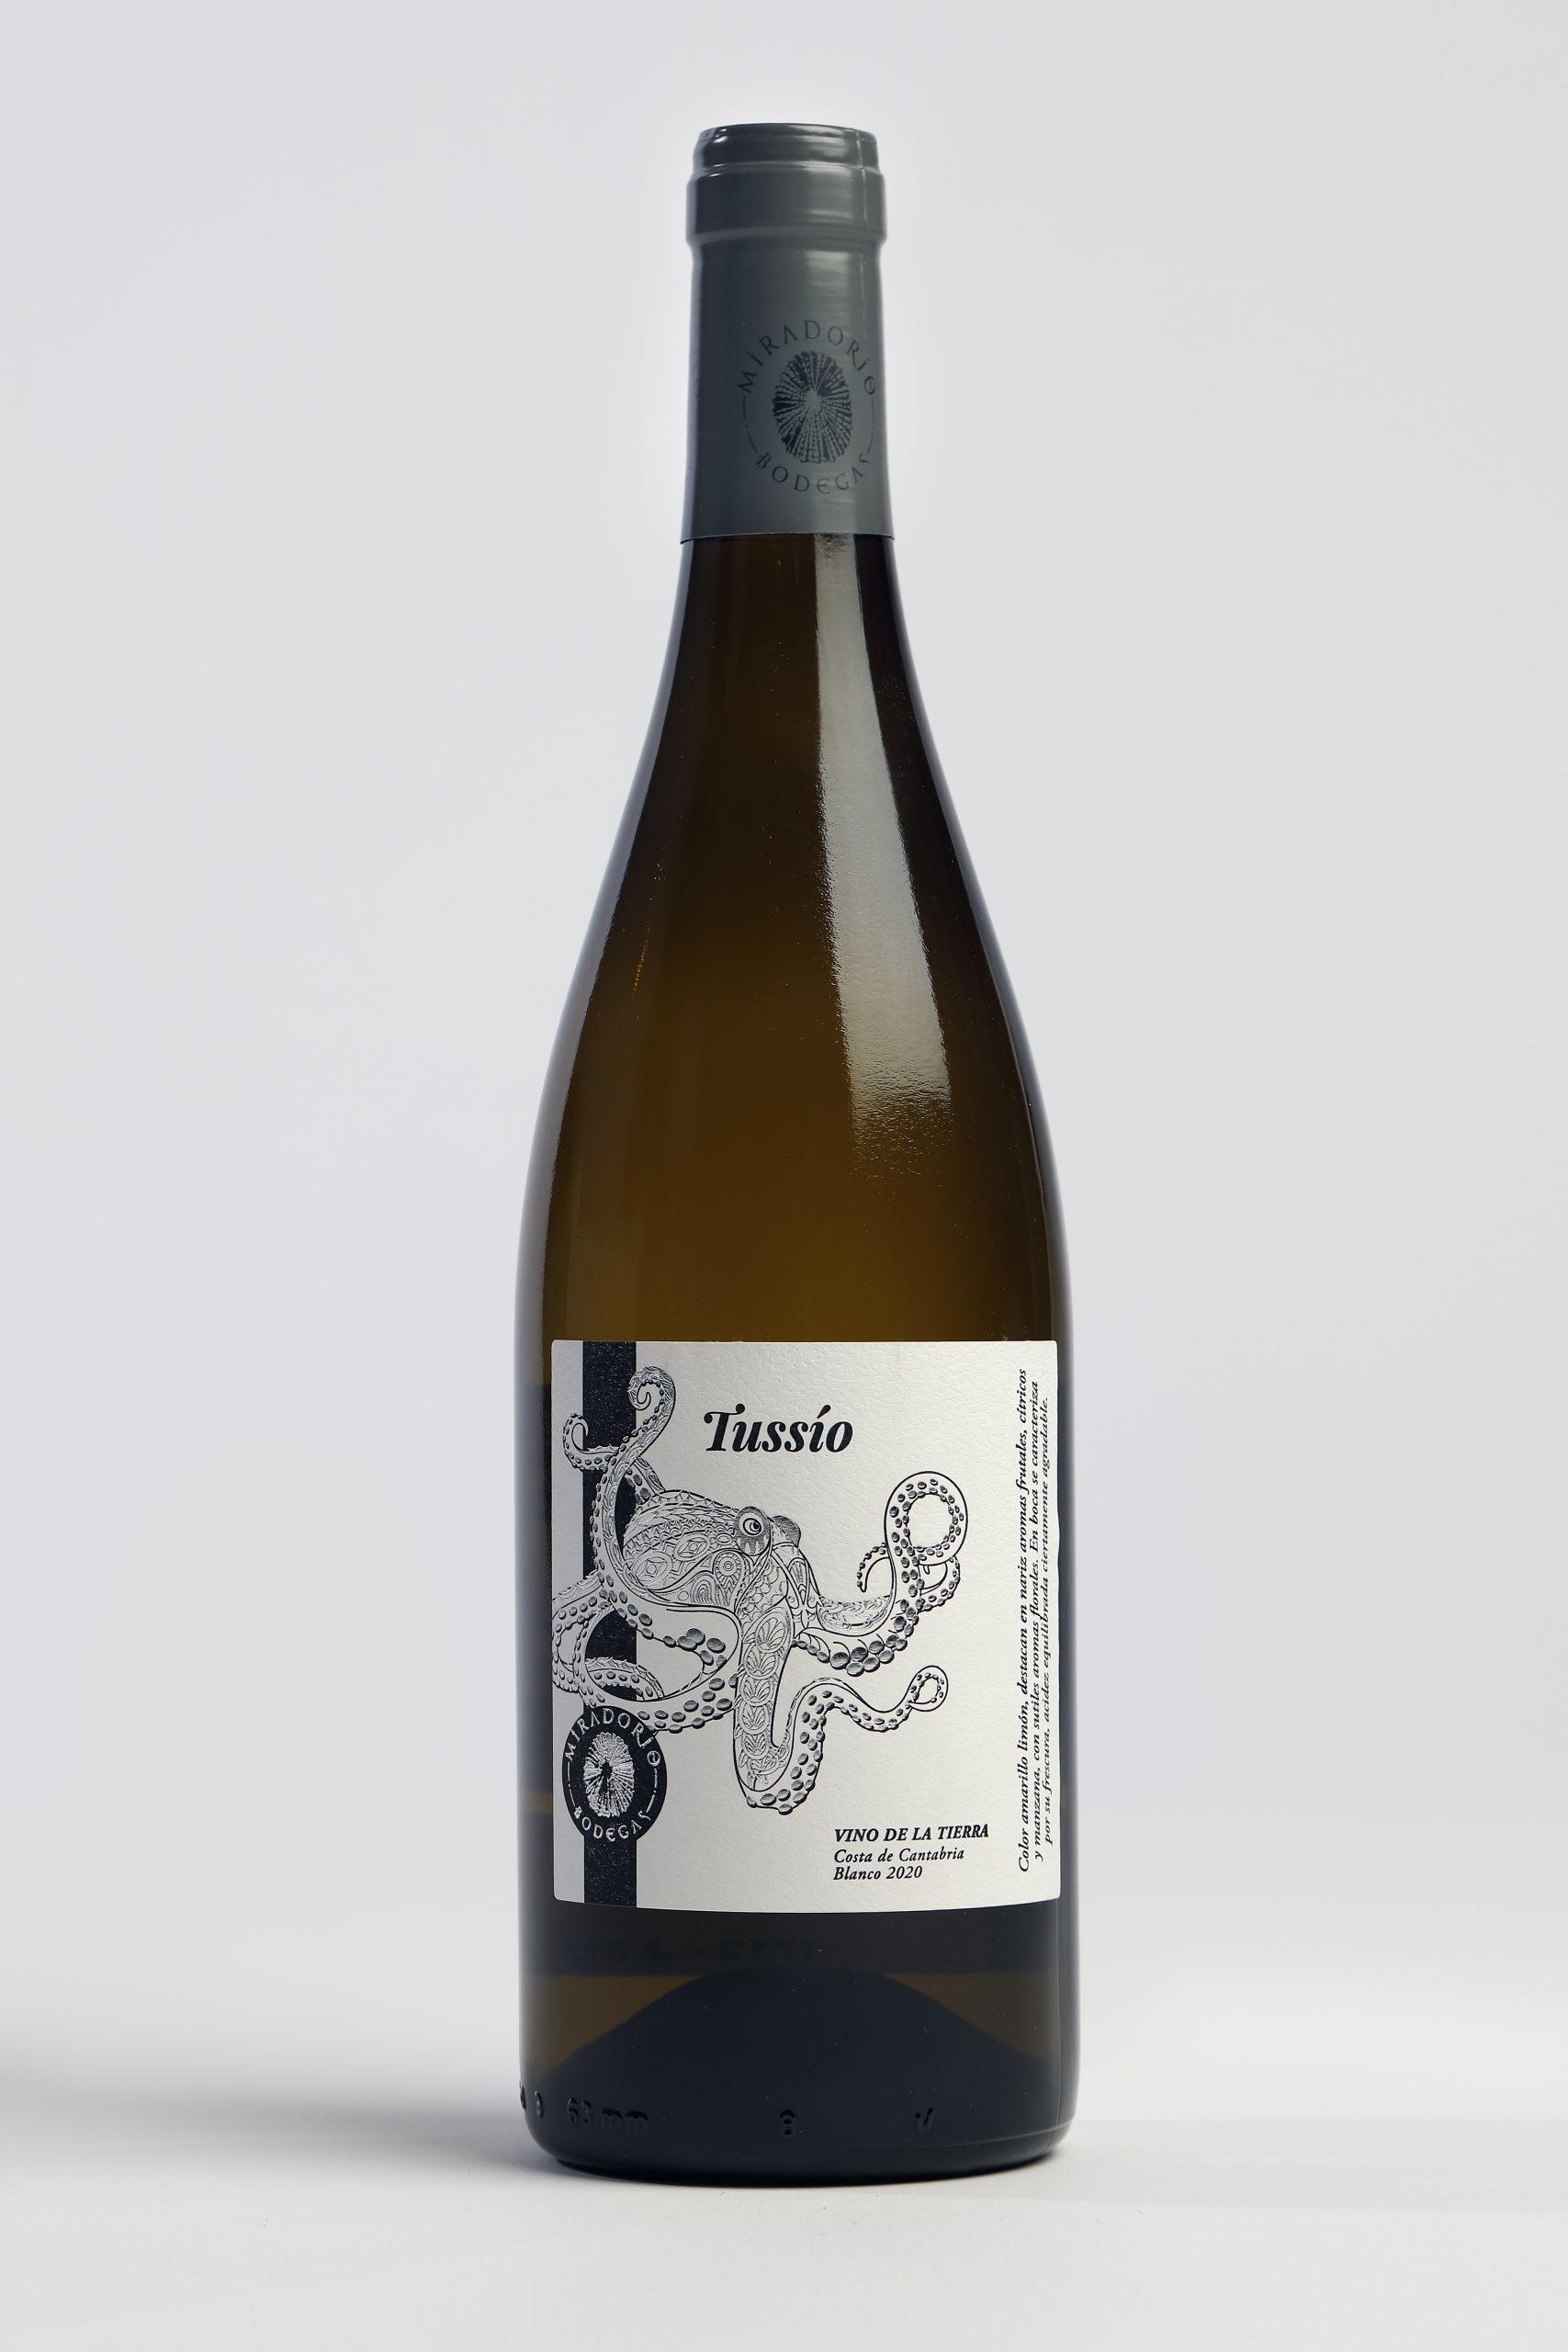 Tussio (Nueva añada 2020)